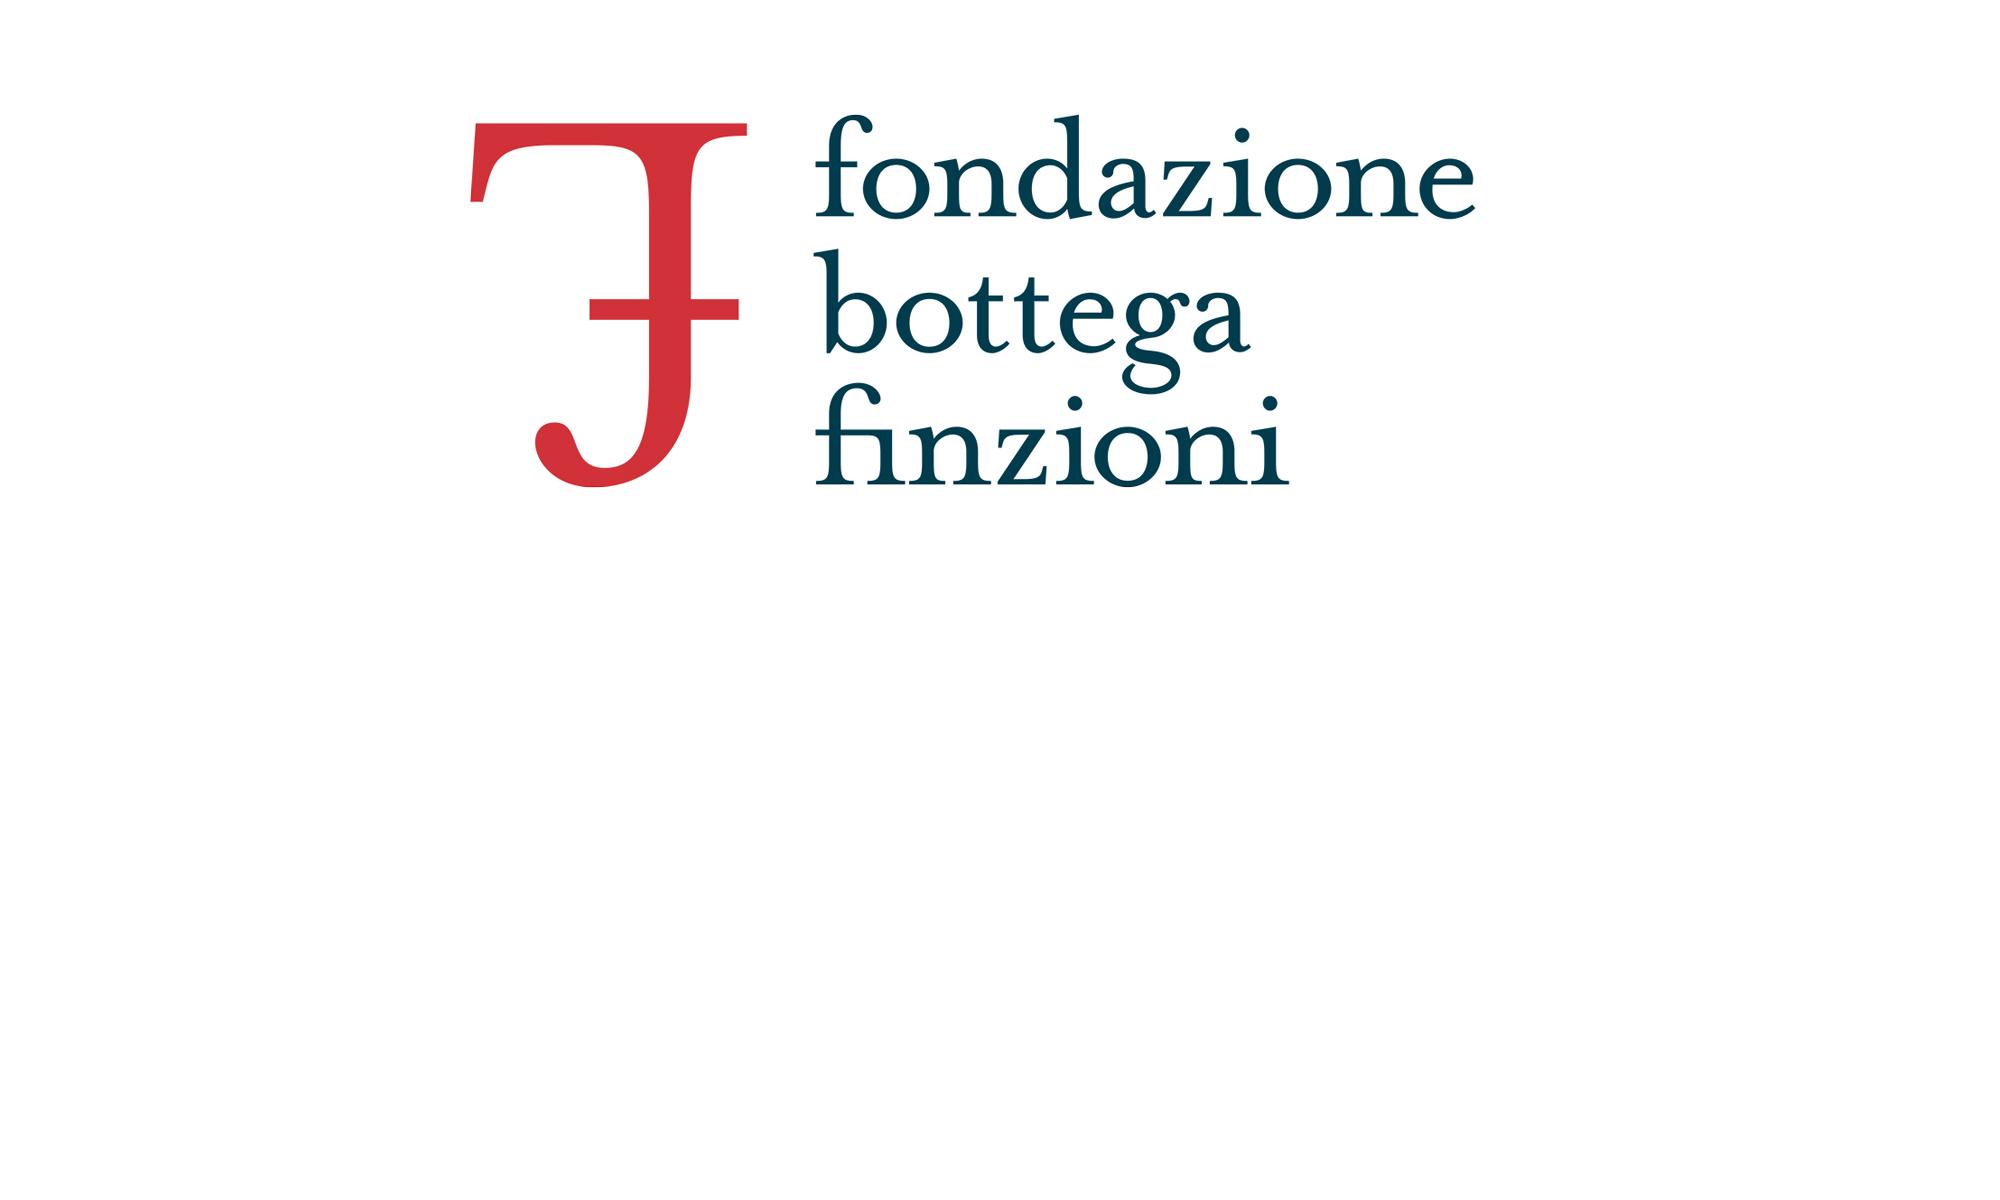 Fondazione Bottega Finzioni